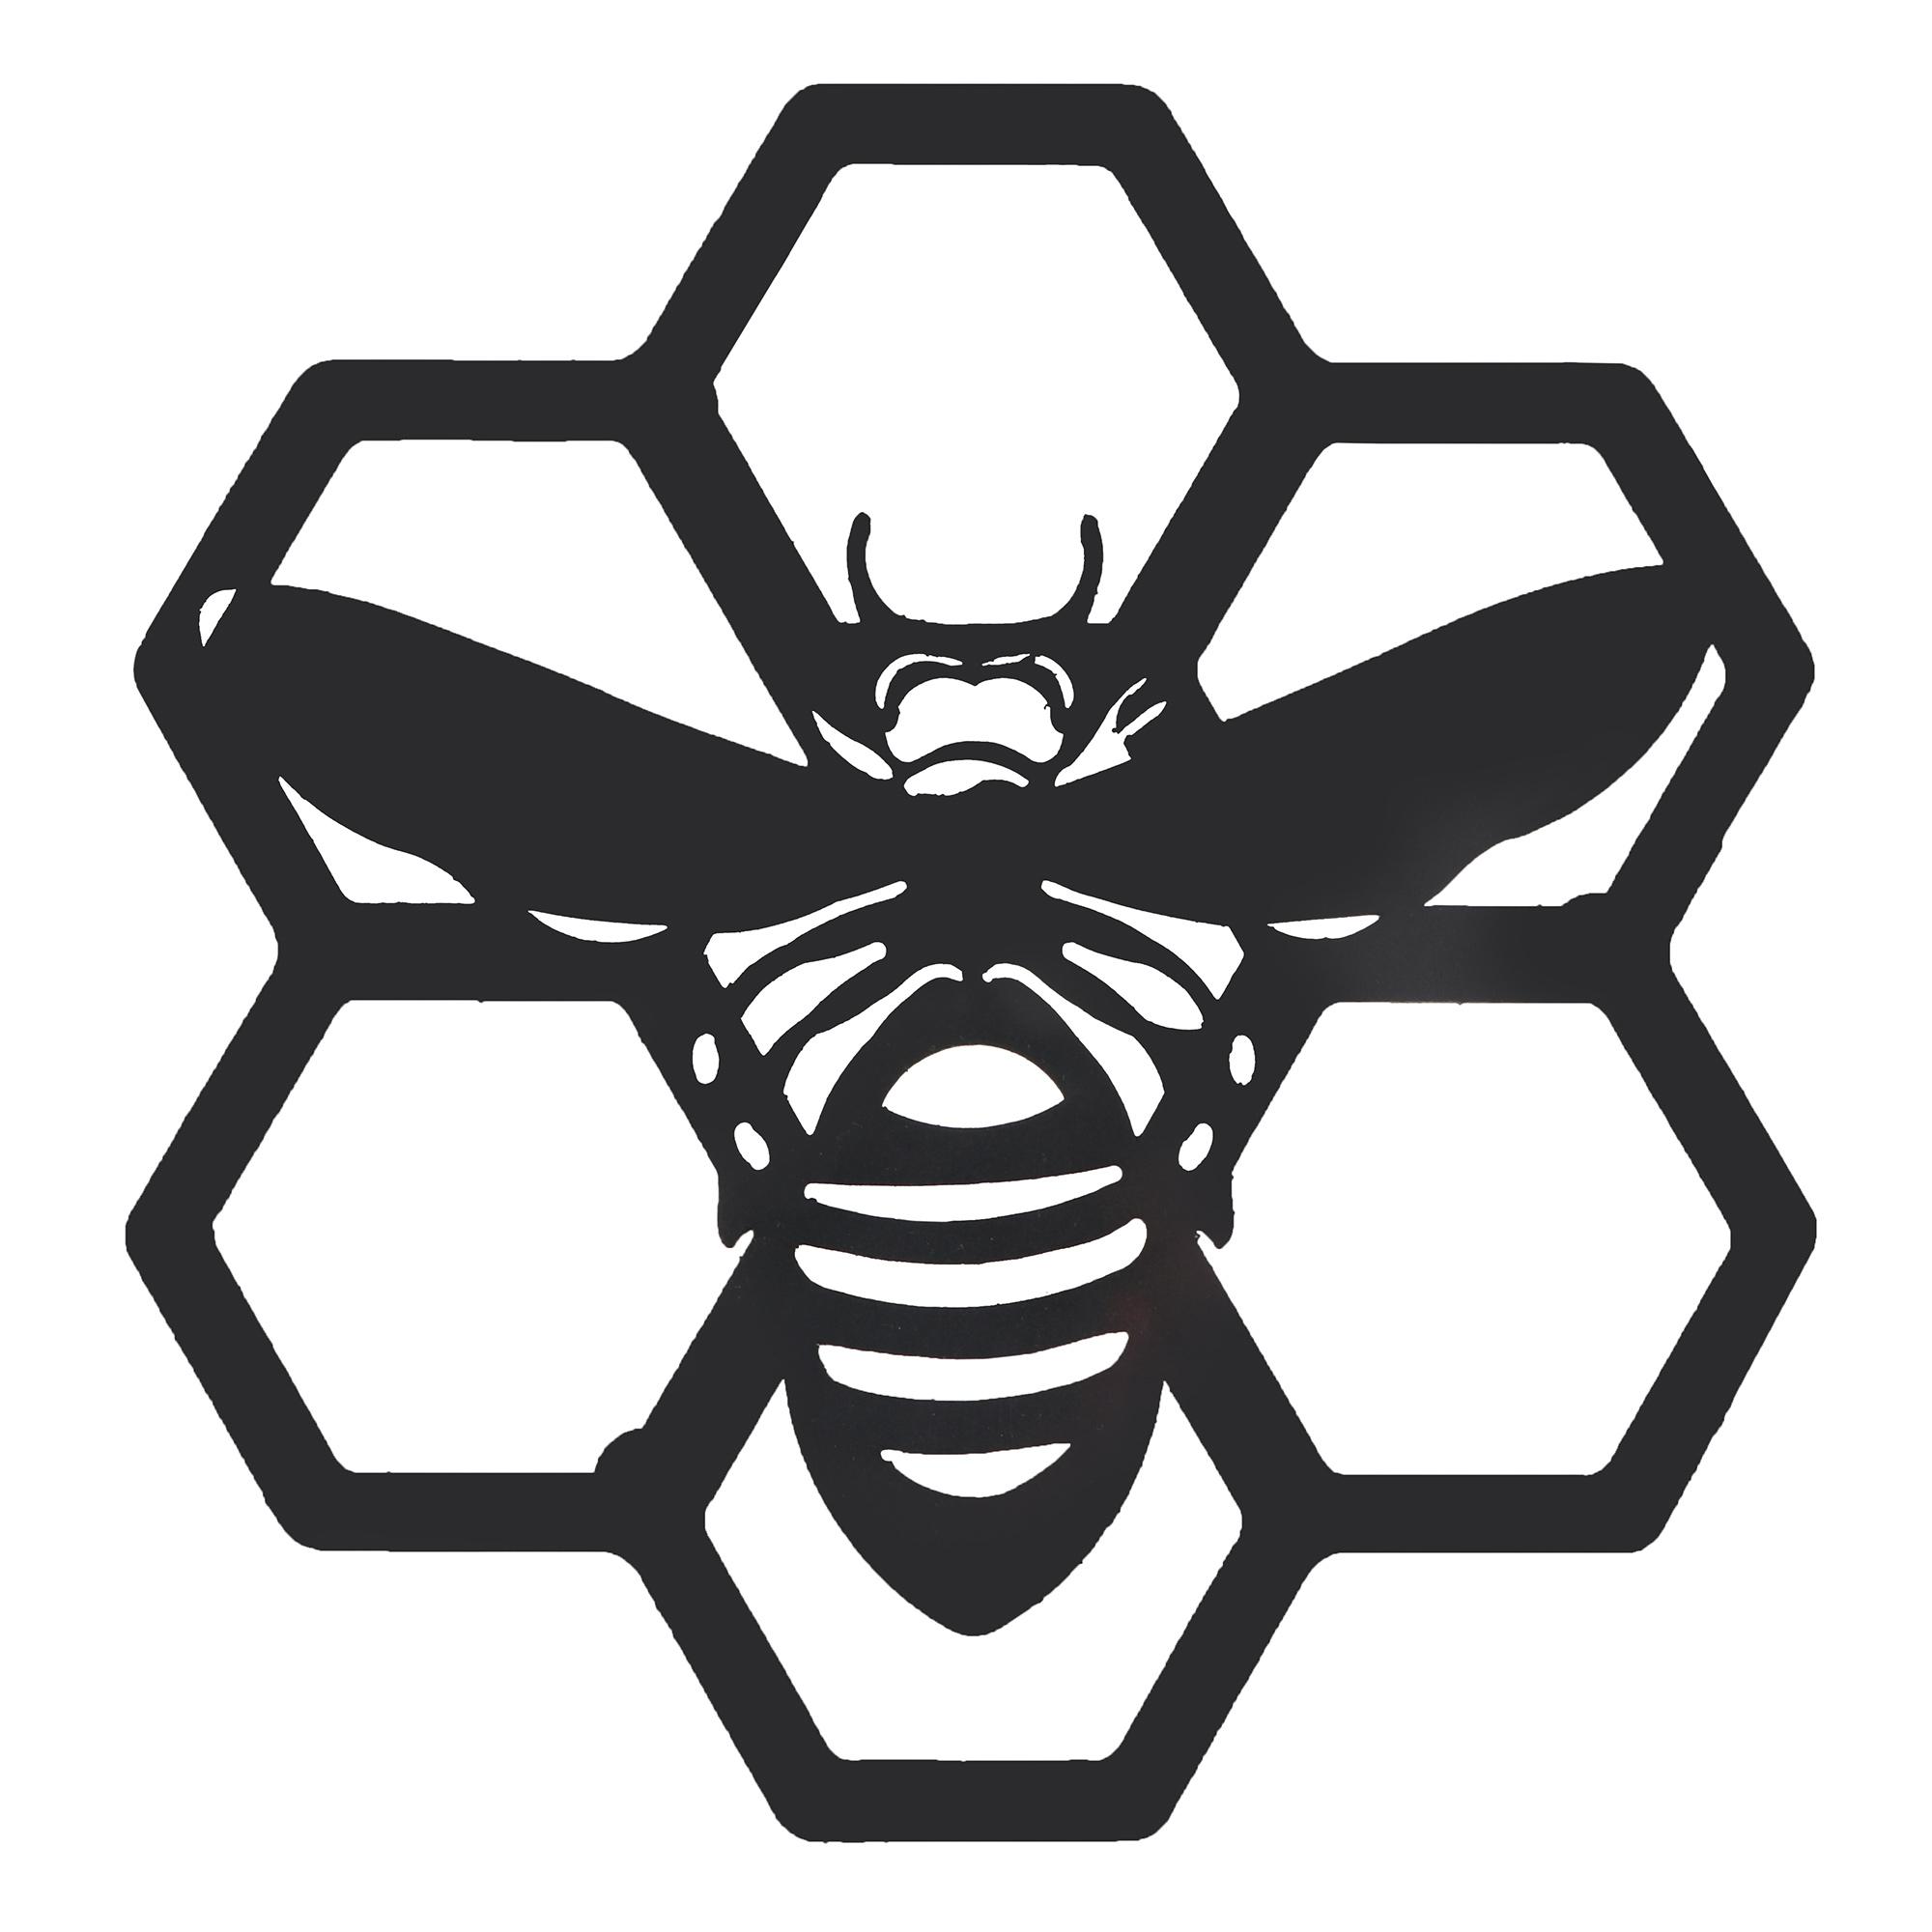 Подставка Gala Пчела под горячее подставка под горячее gipfel 0335 20 3х20х0 7см